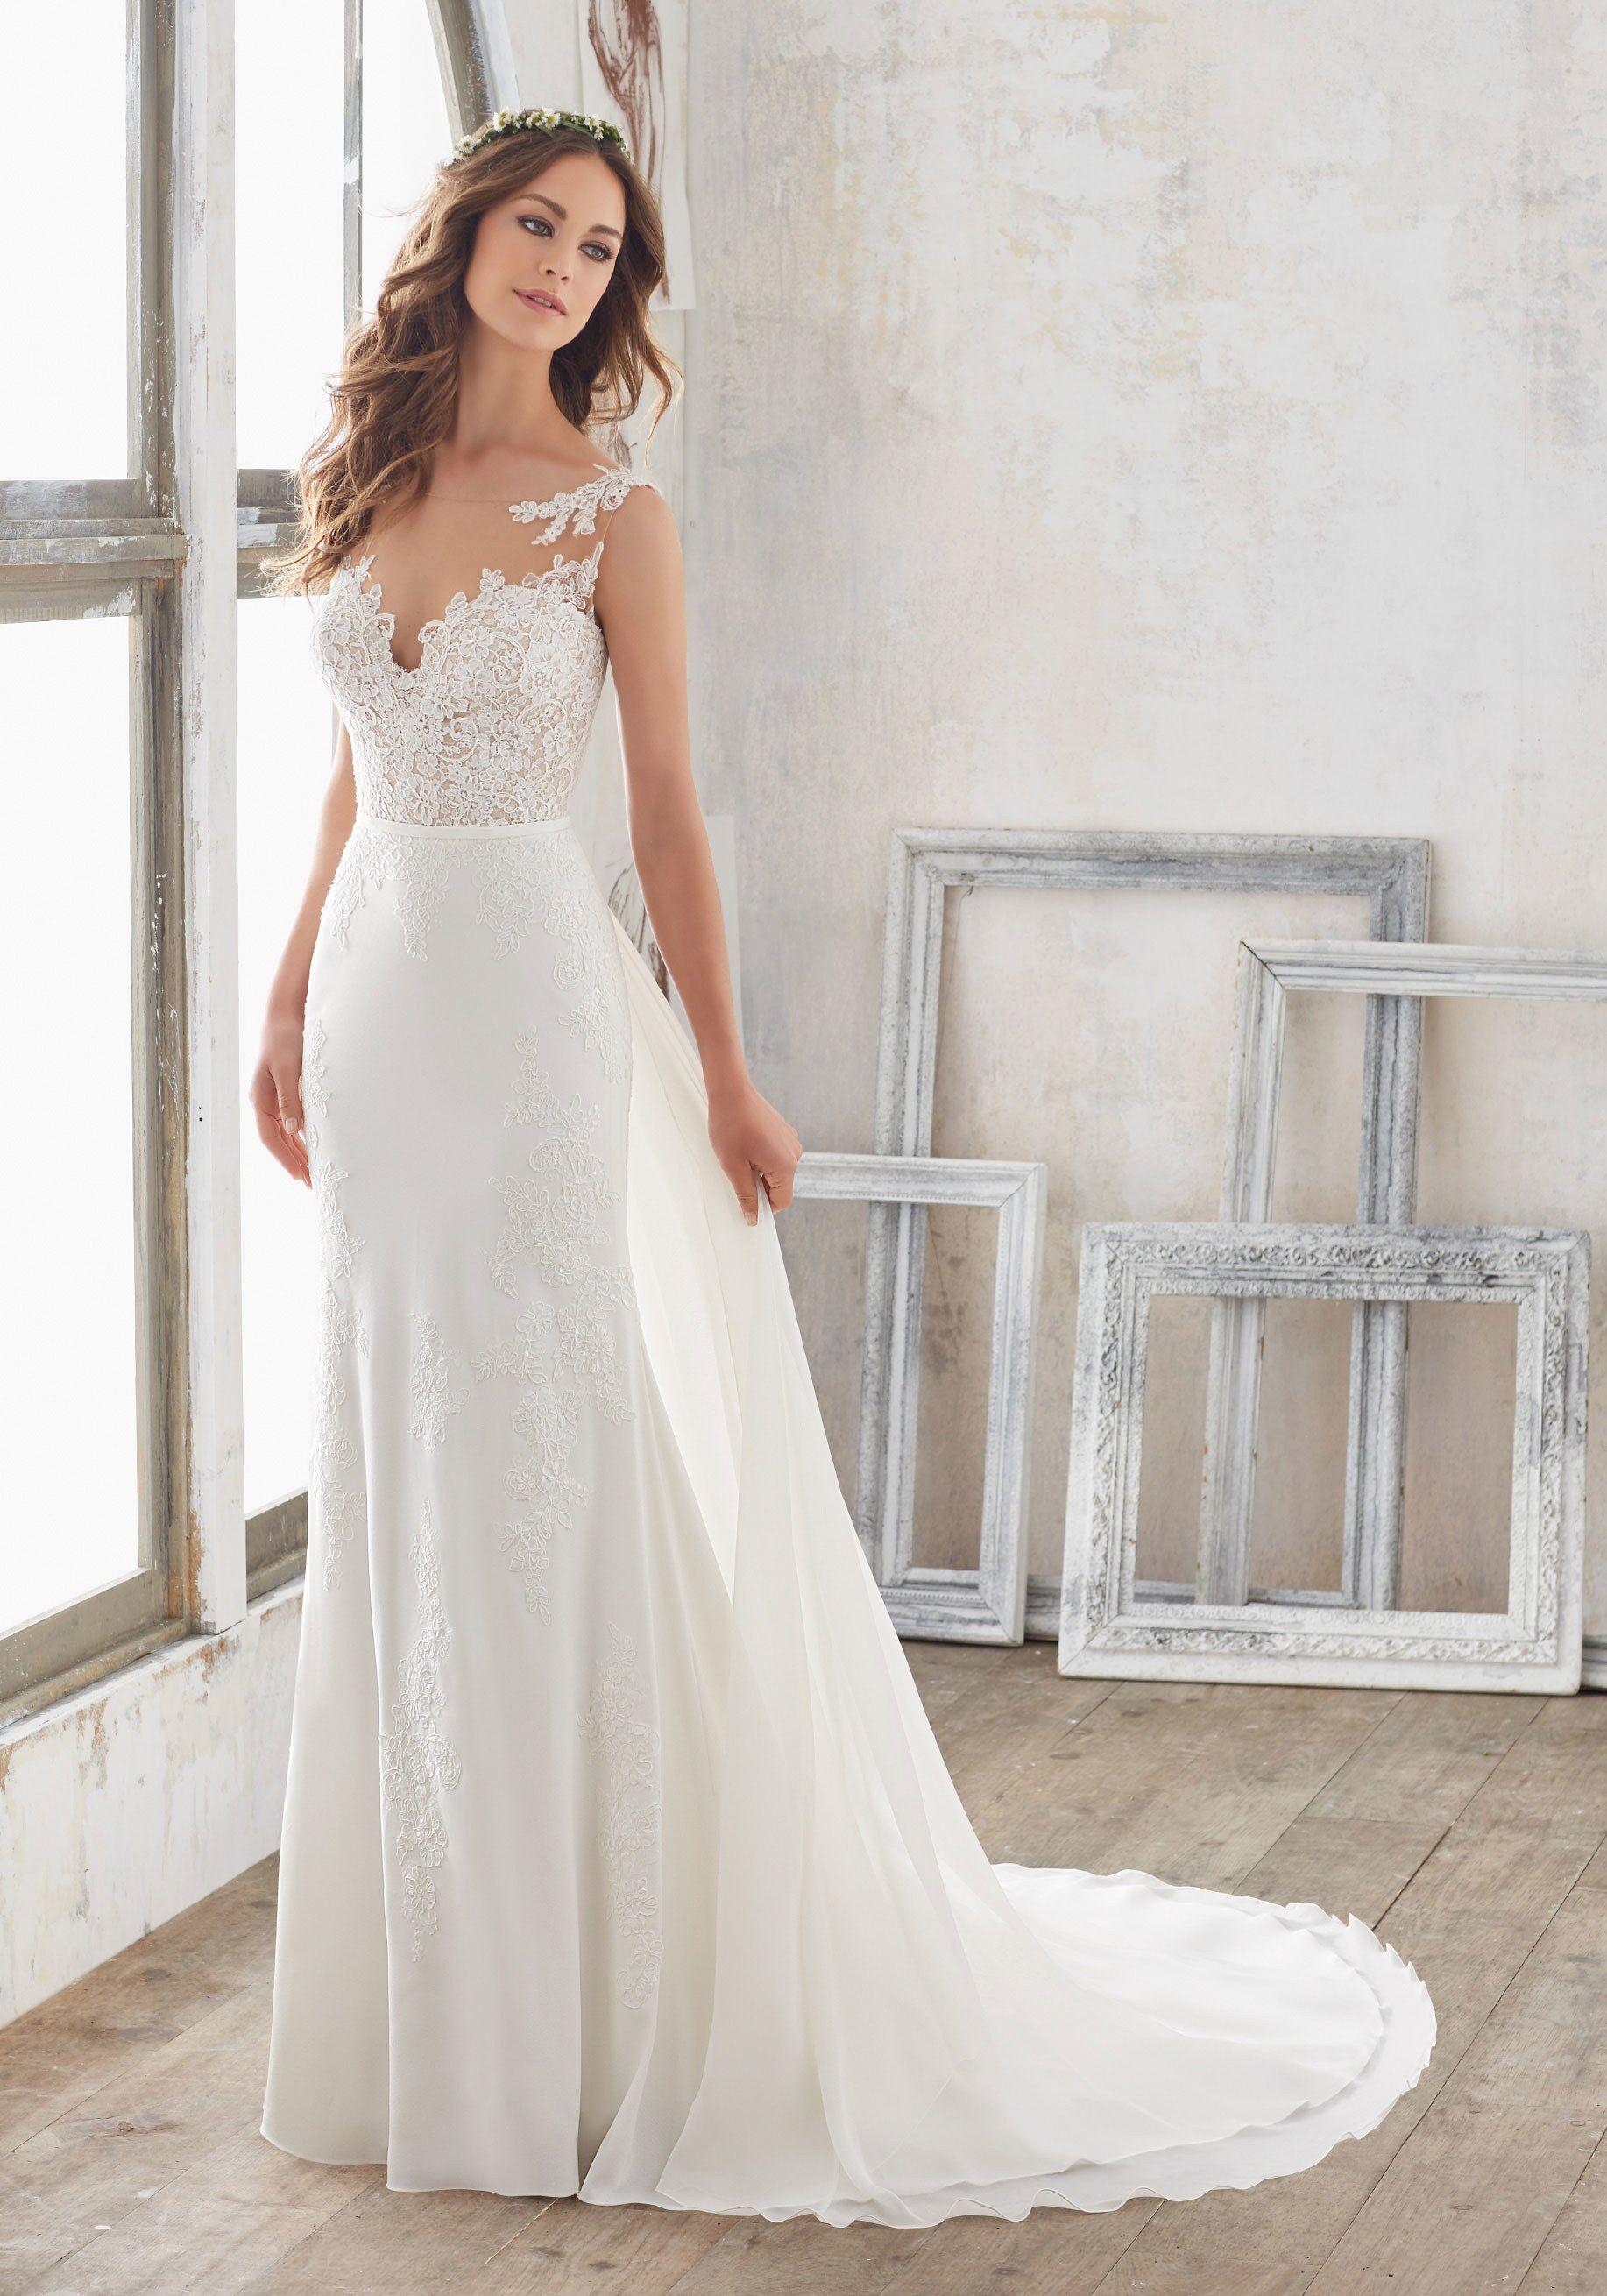 Wedding Dresses Under $1,000 - Affordable Wedding Dresses ...